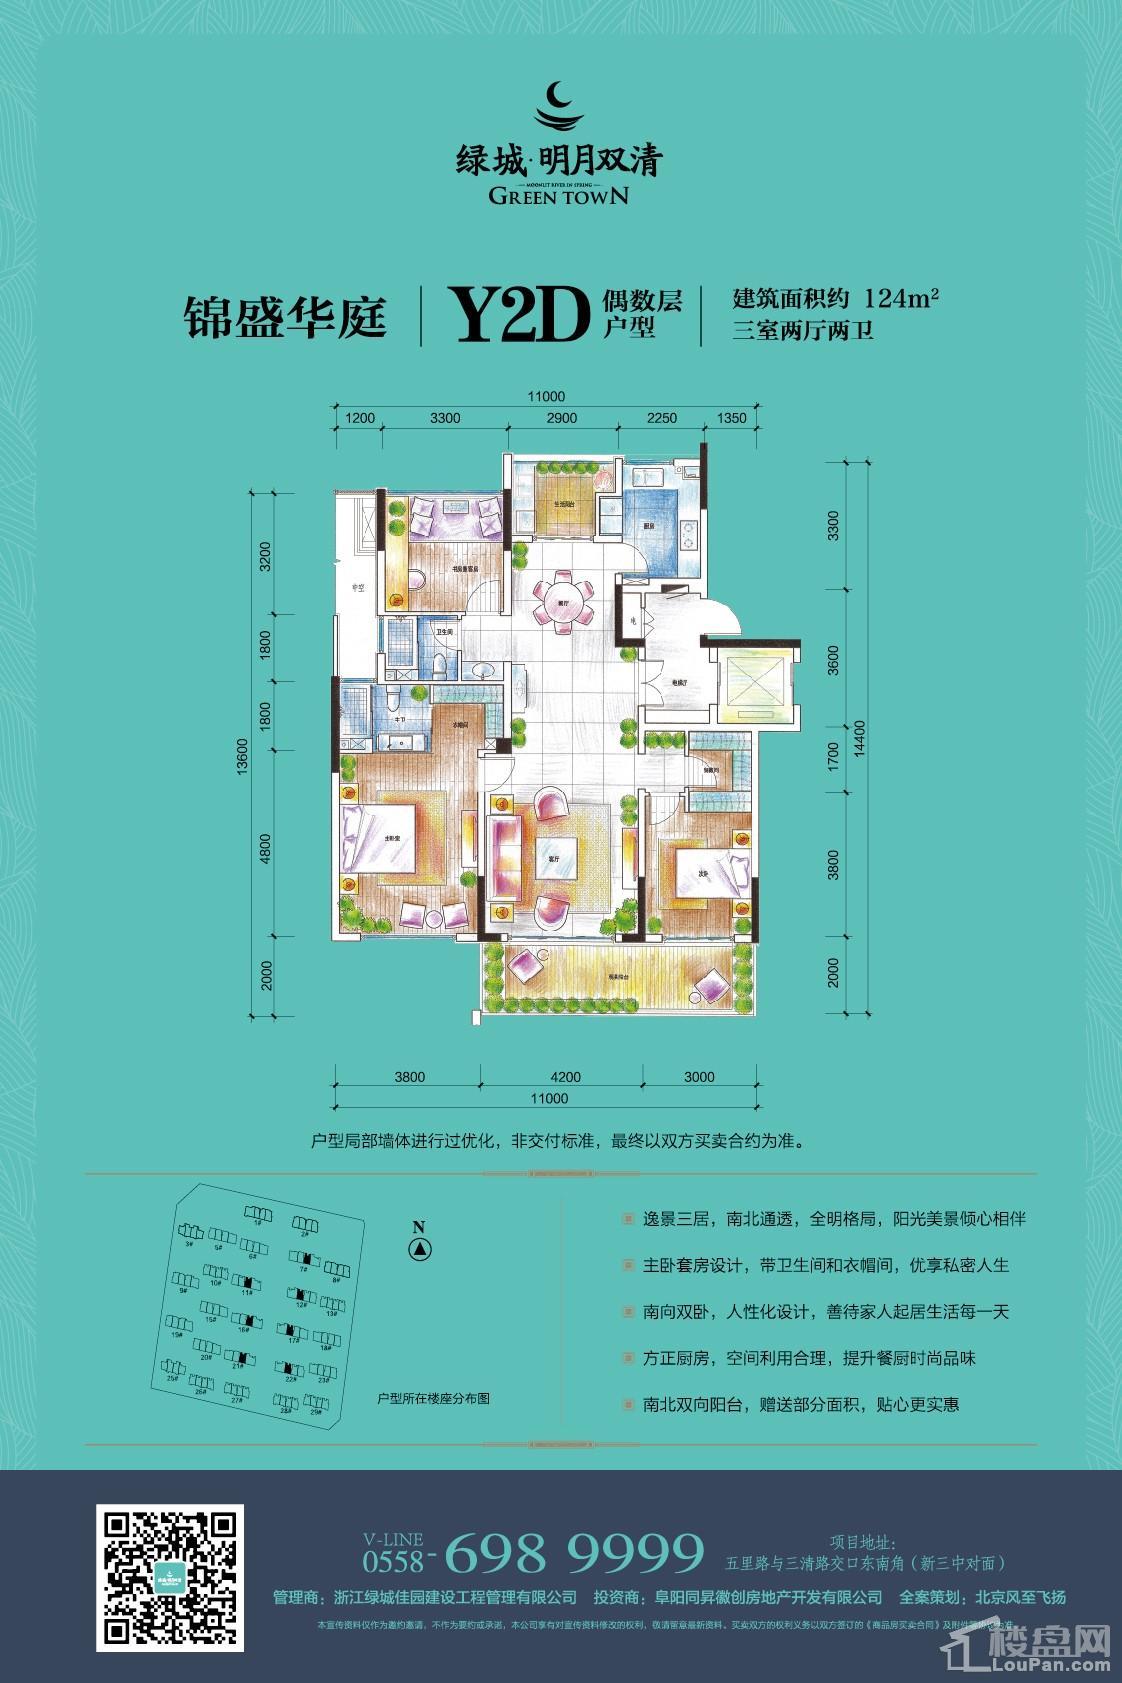 Y2D偶数层户型